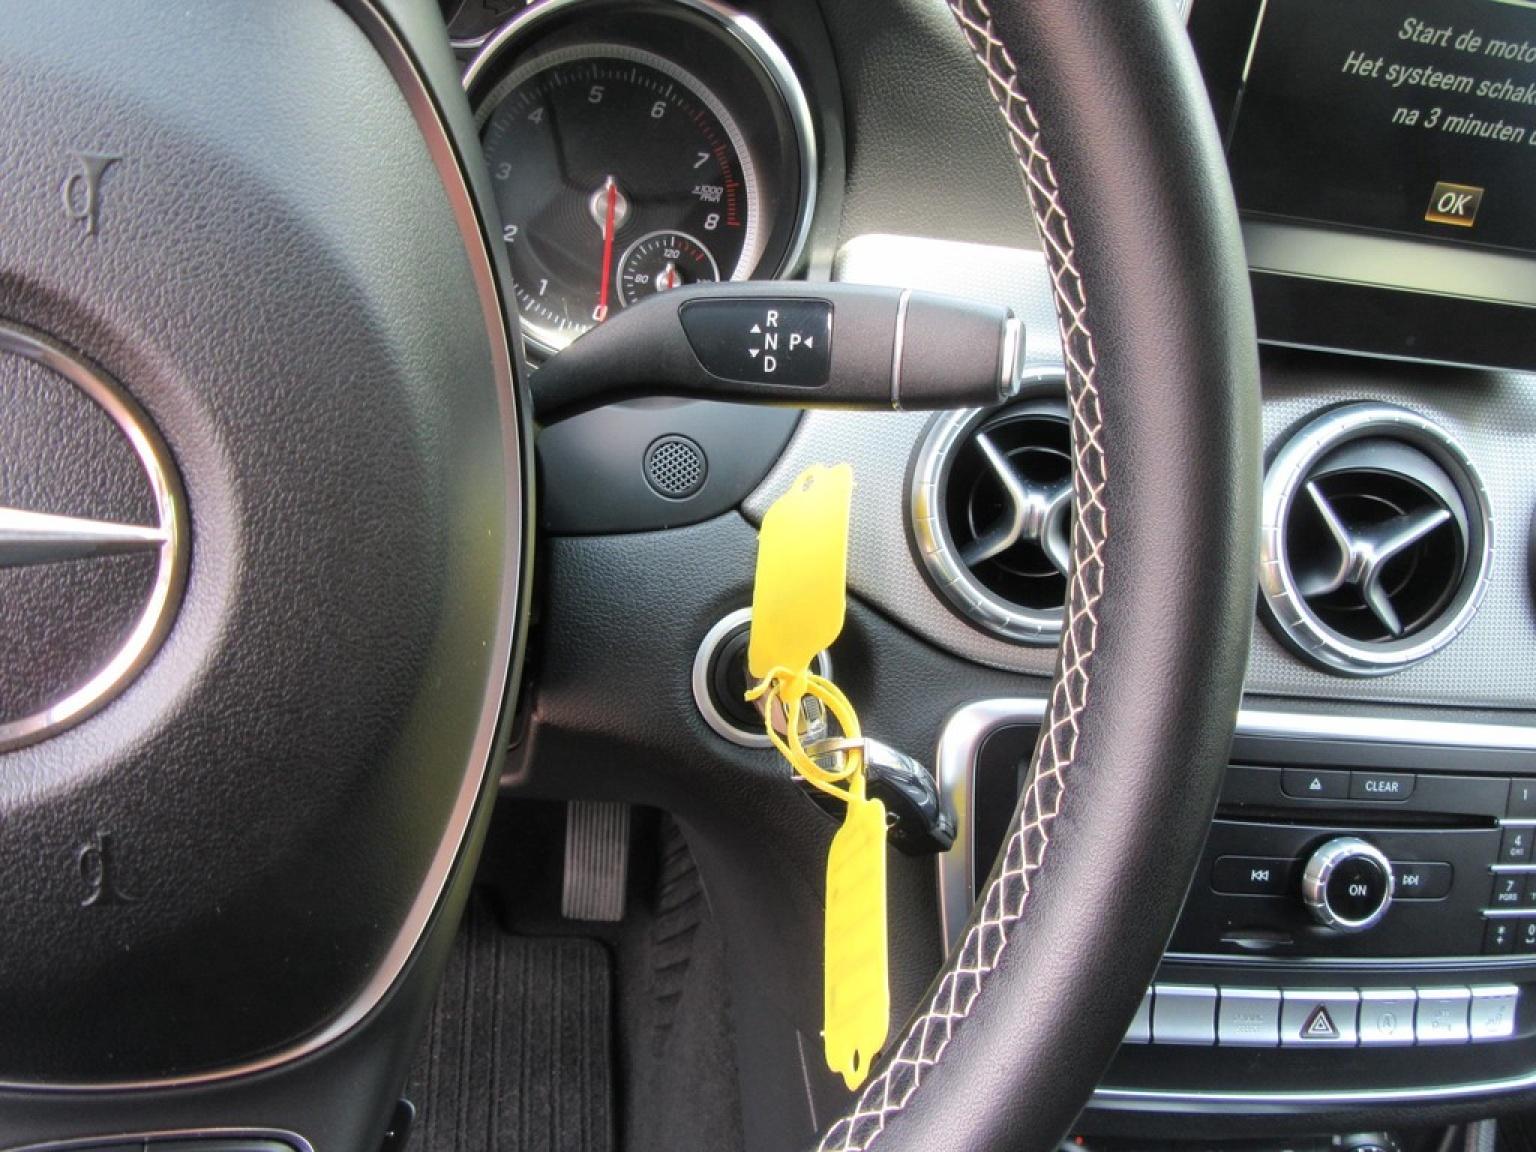 Mercedes-Benz-CLA-Klasse-17